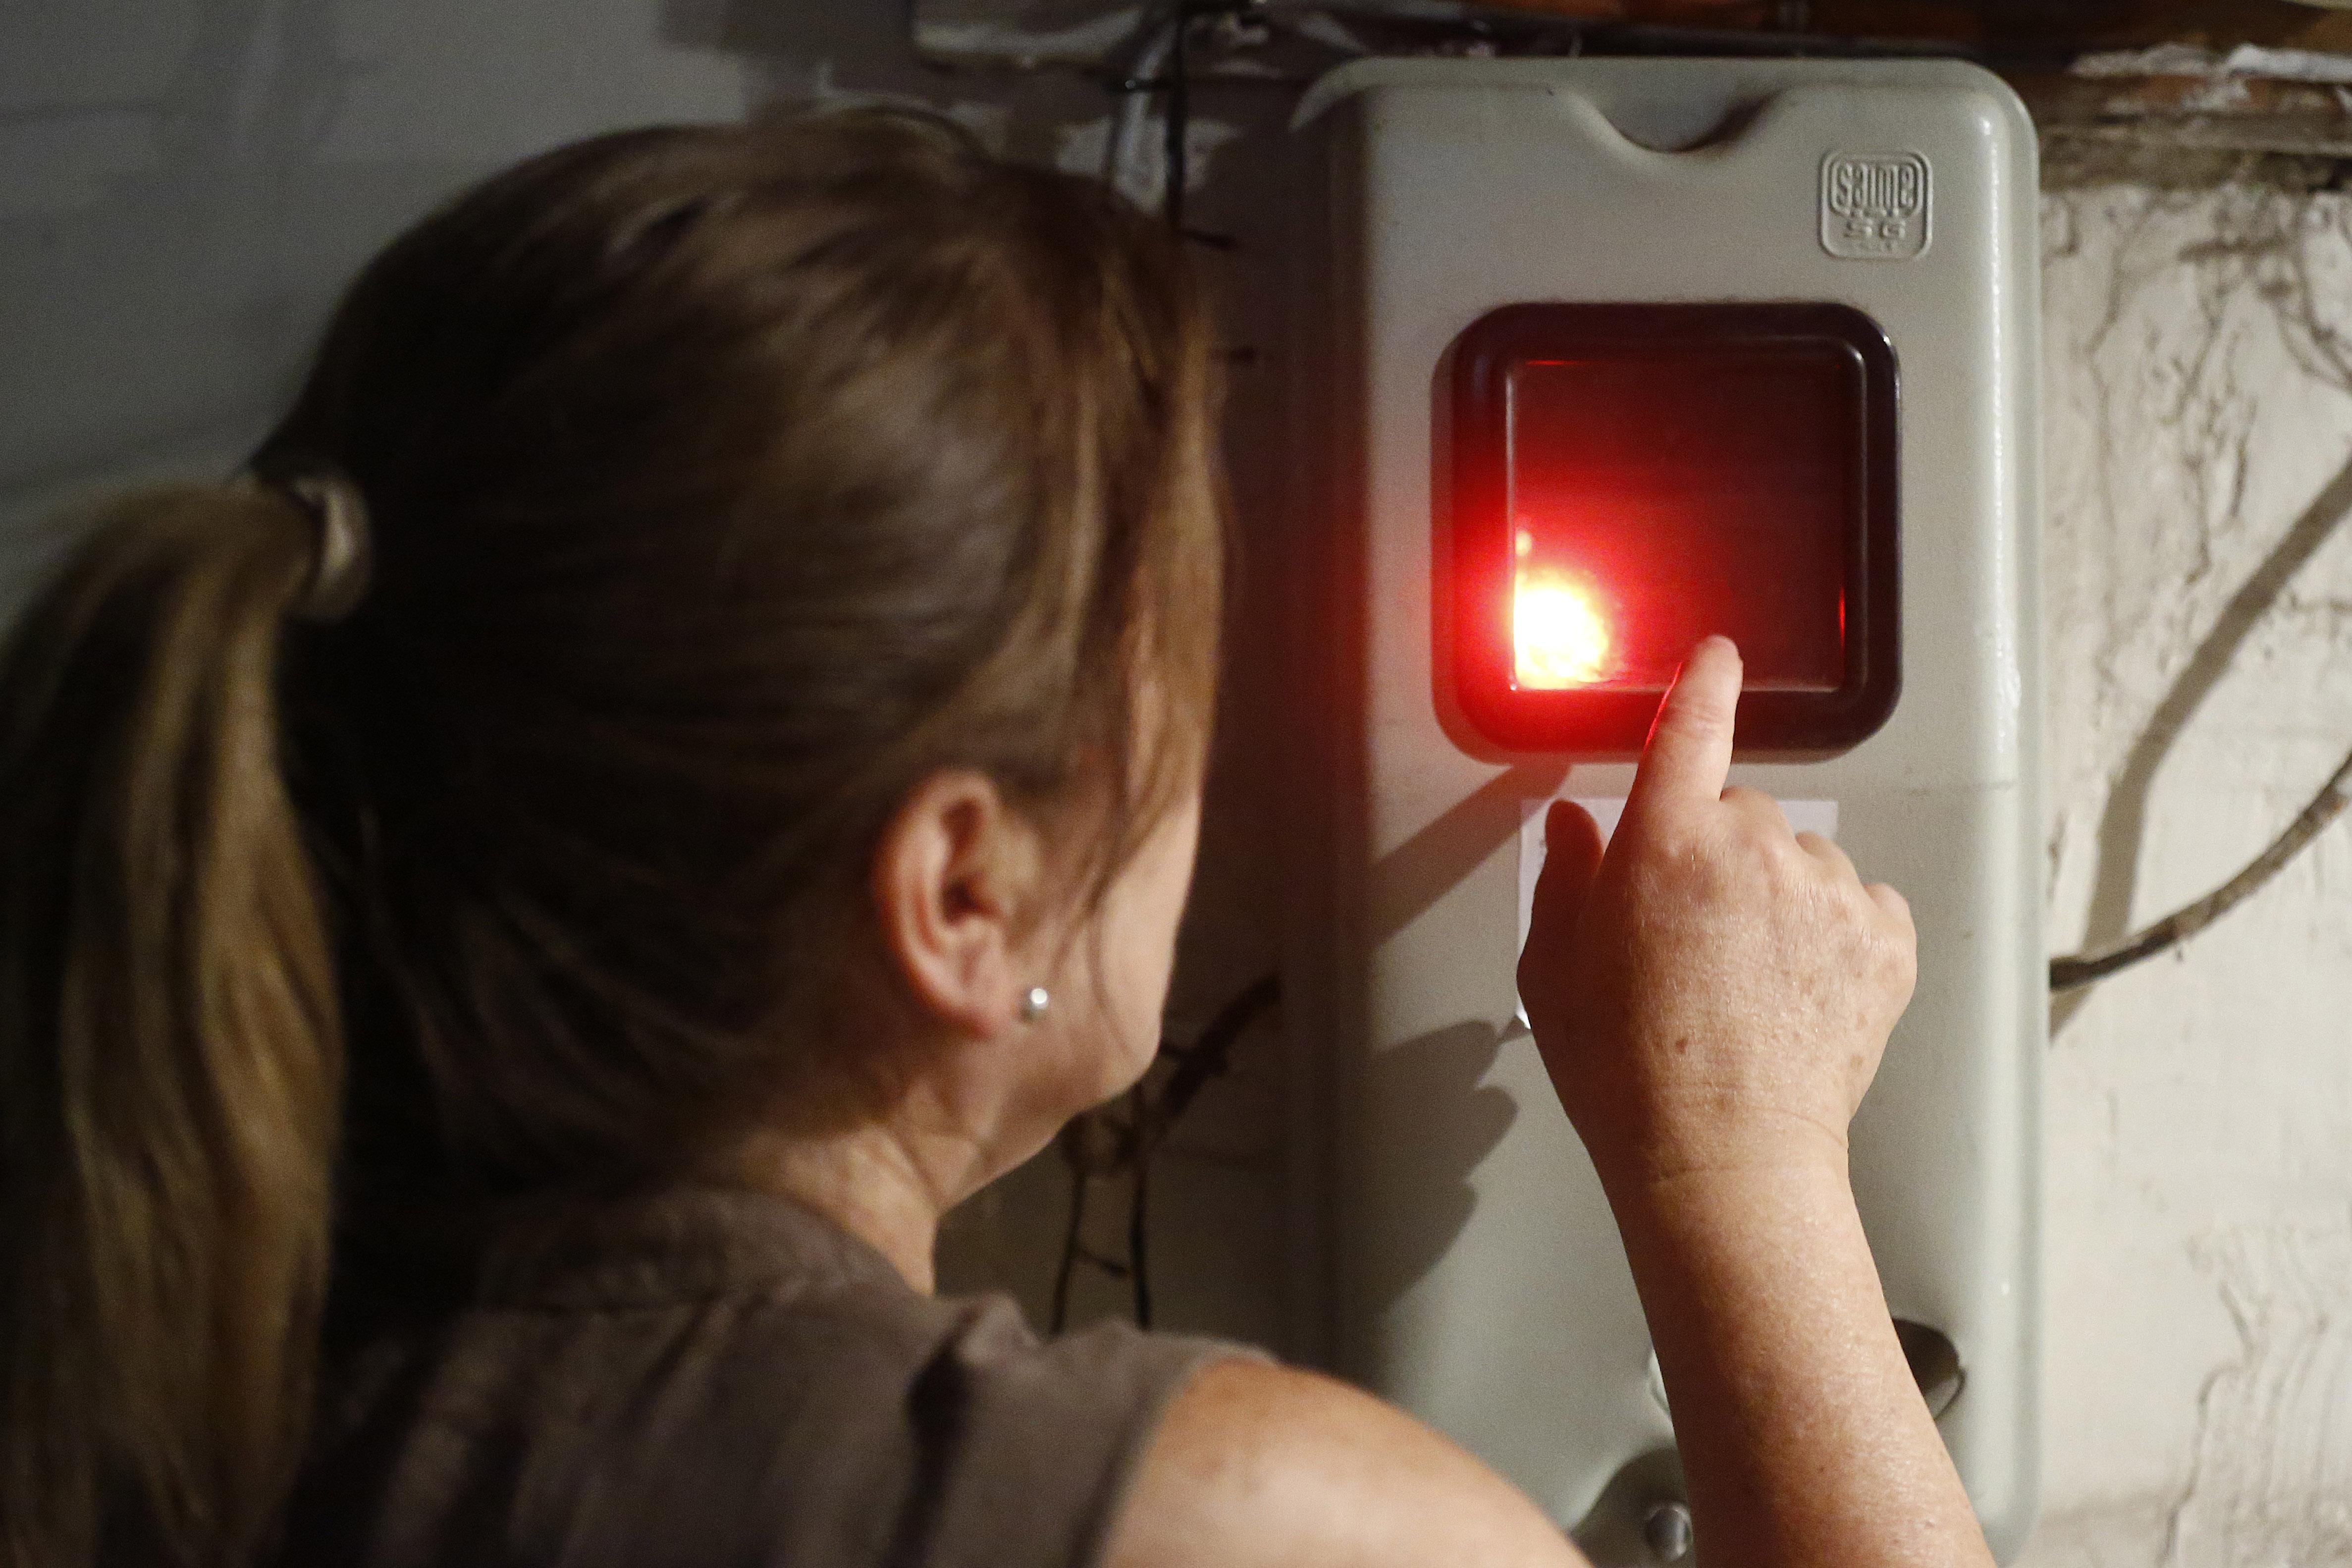 """Nuevos medidores eléctricos """"inteligentes"""": ¿Cuáles serían los beneficios para los consumidores?"""